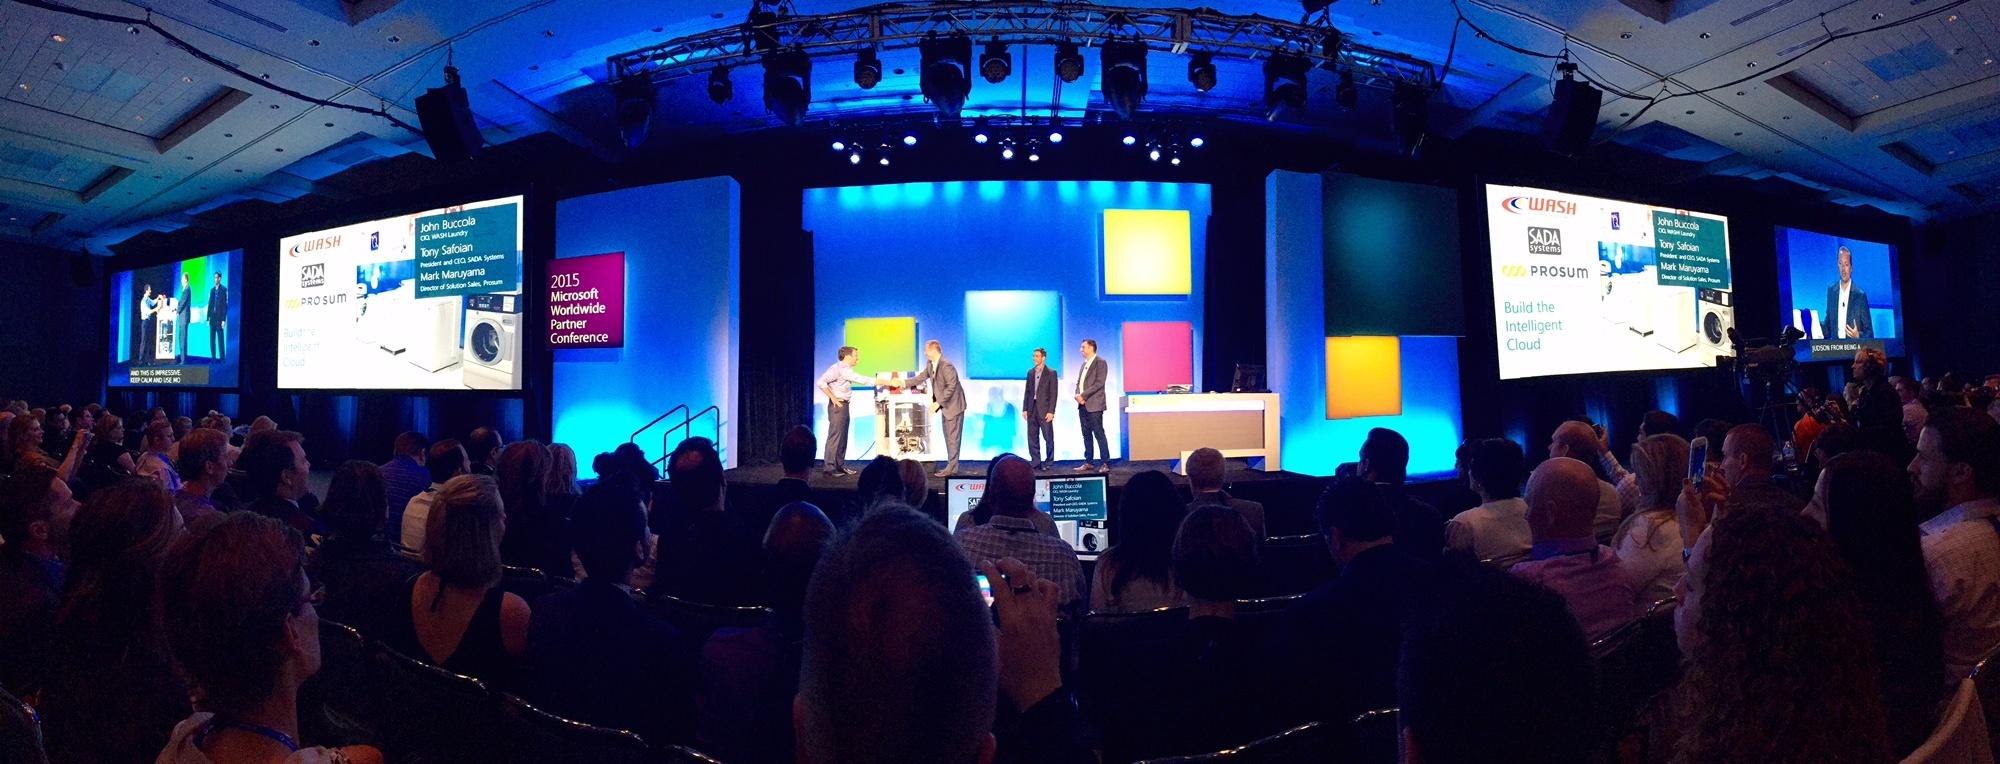 Microsoft WPC 2015 Recap: SADA Takes the Stage